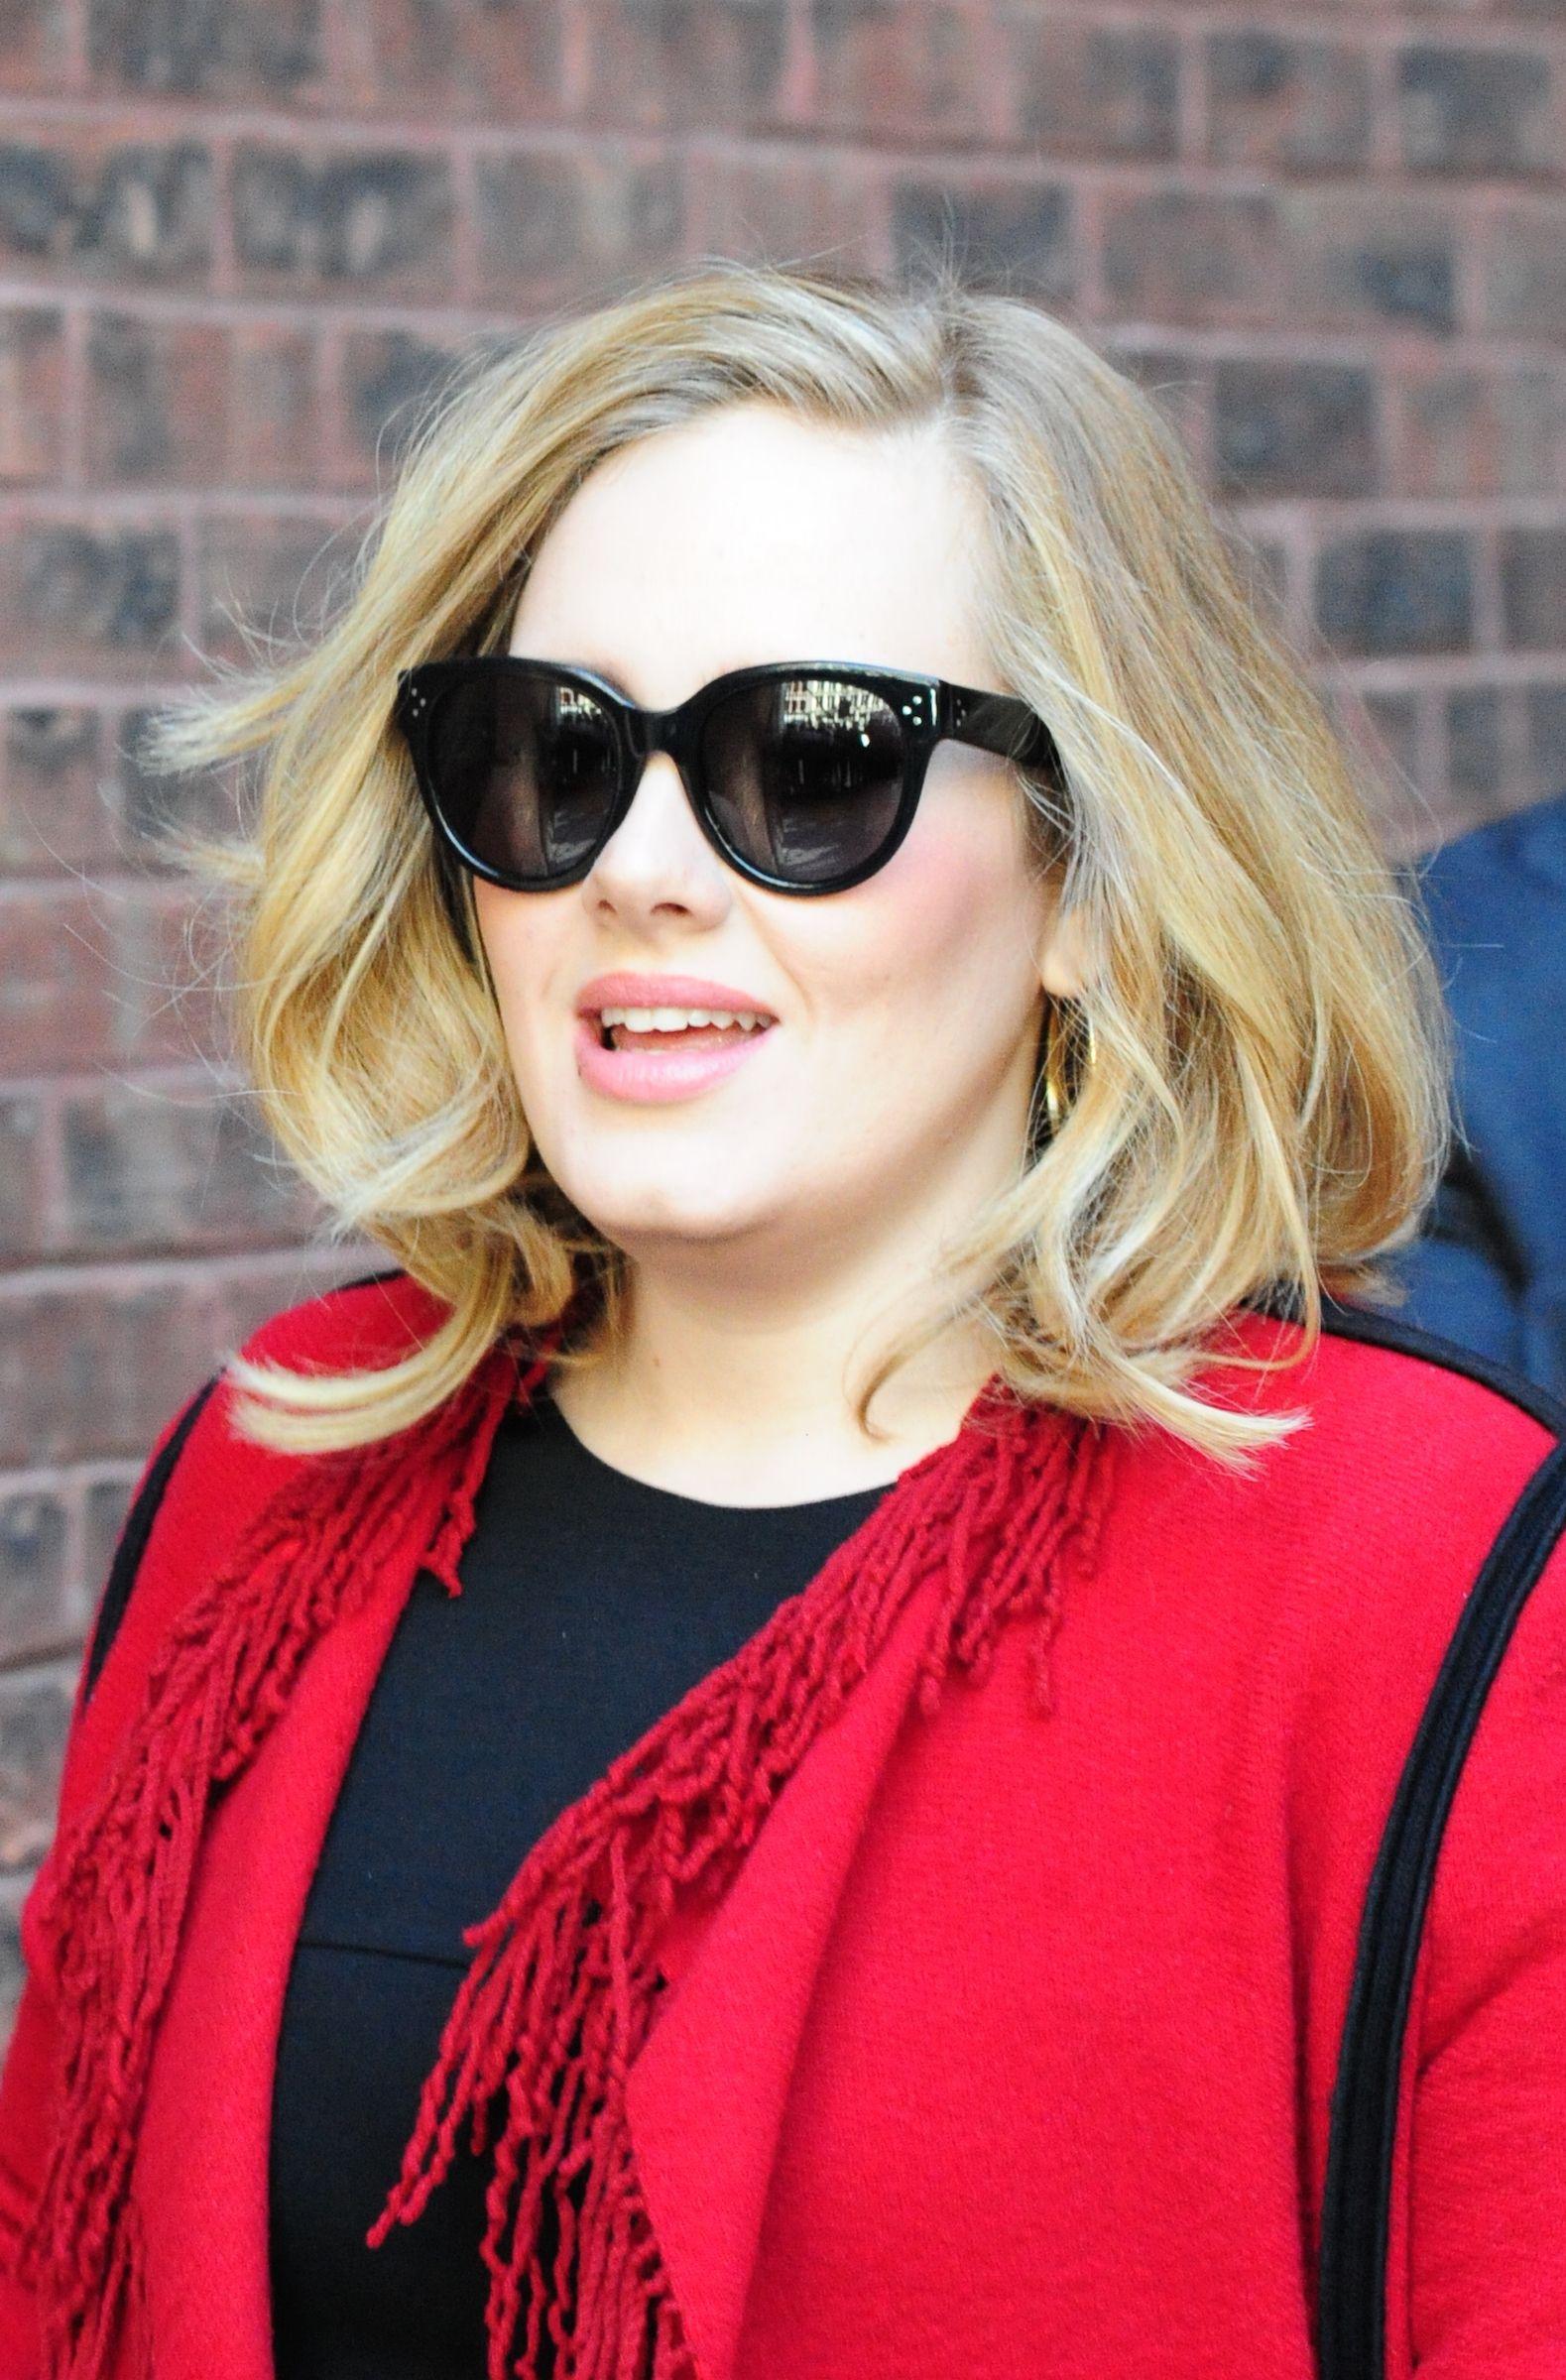 Adele S Sleek New Haircut Is The Perfect Twentysomething Style